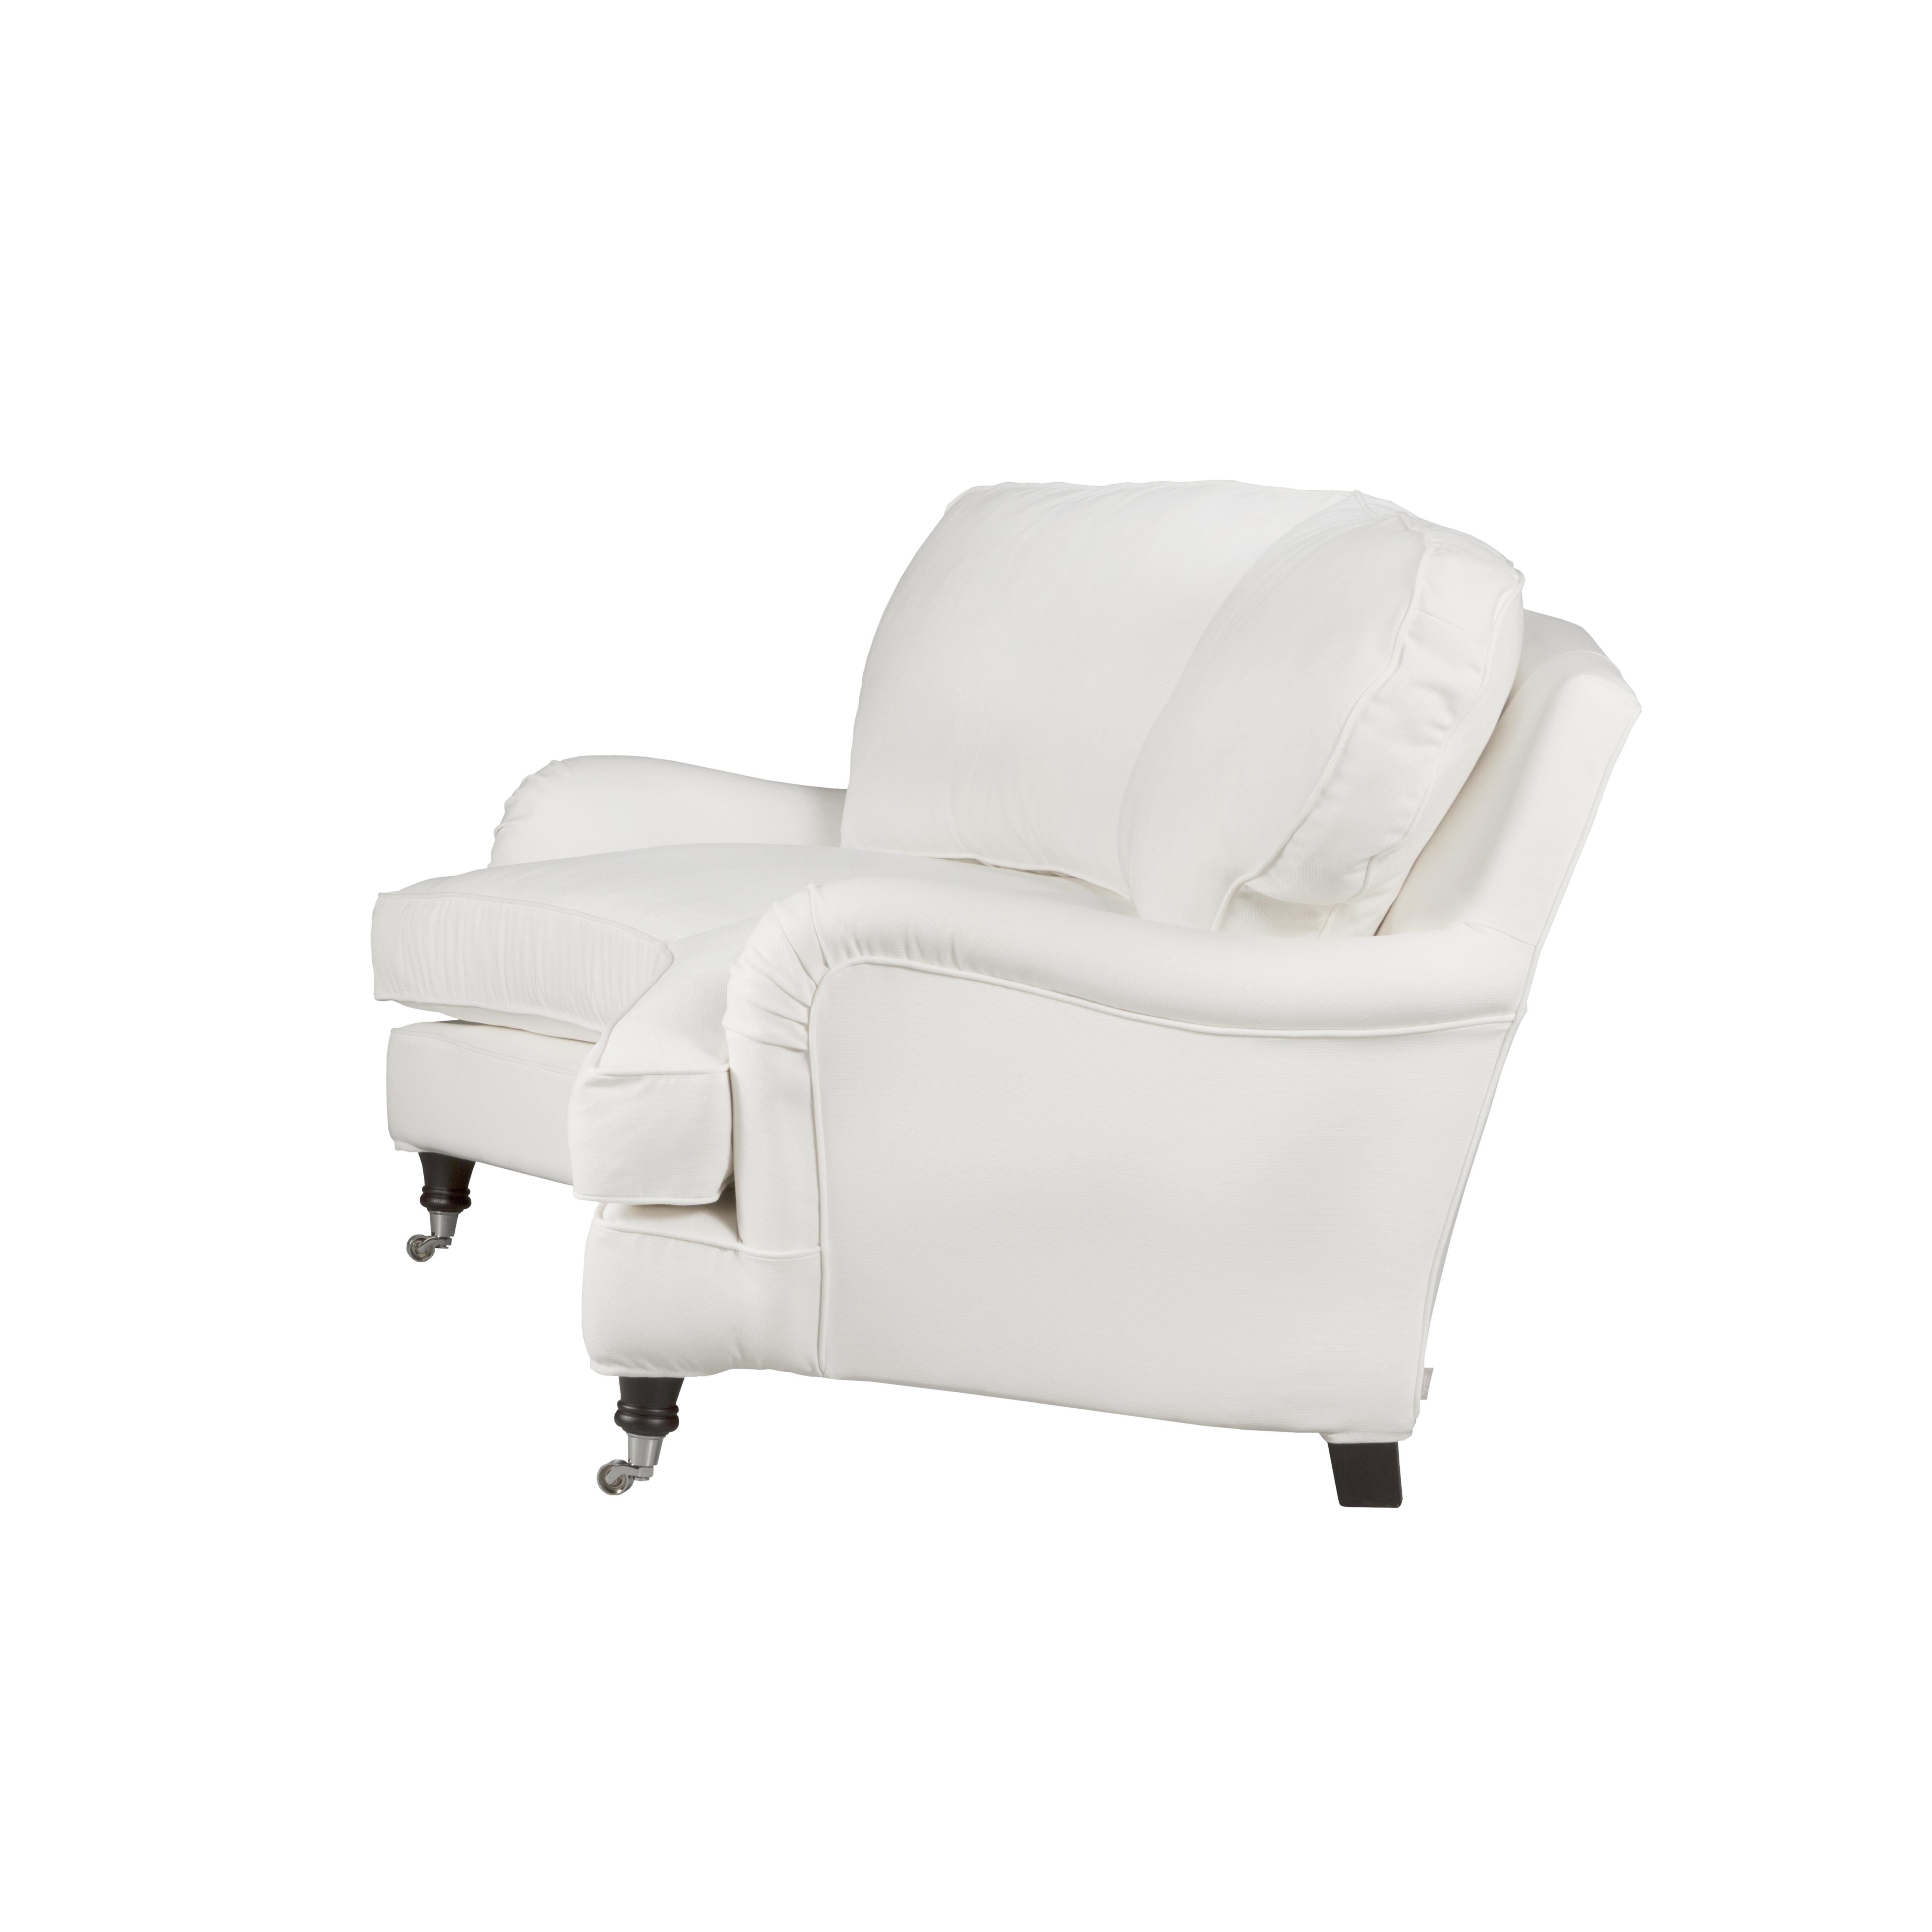 Howard medium soffa 3-sits svängd från sidan - englesson.se